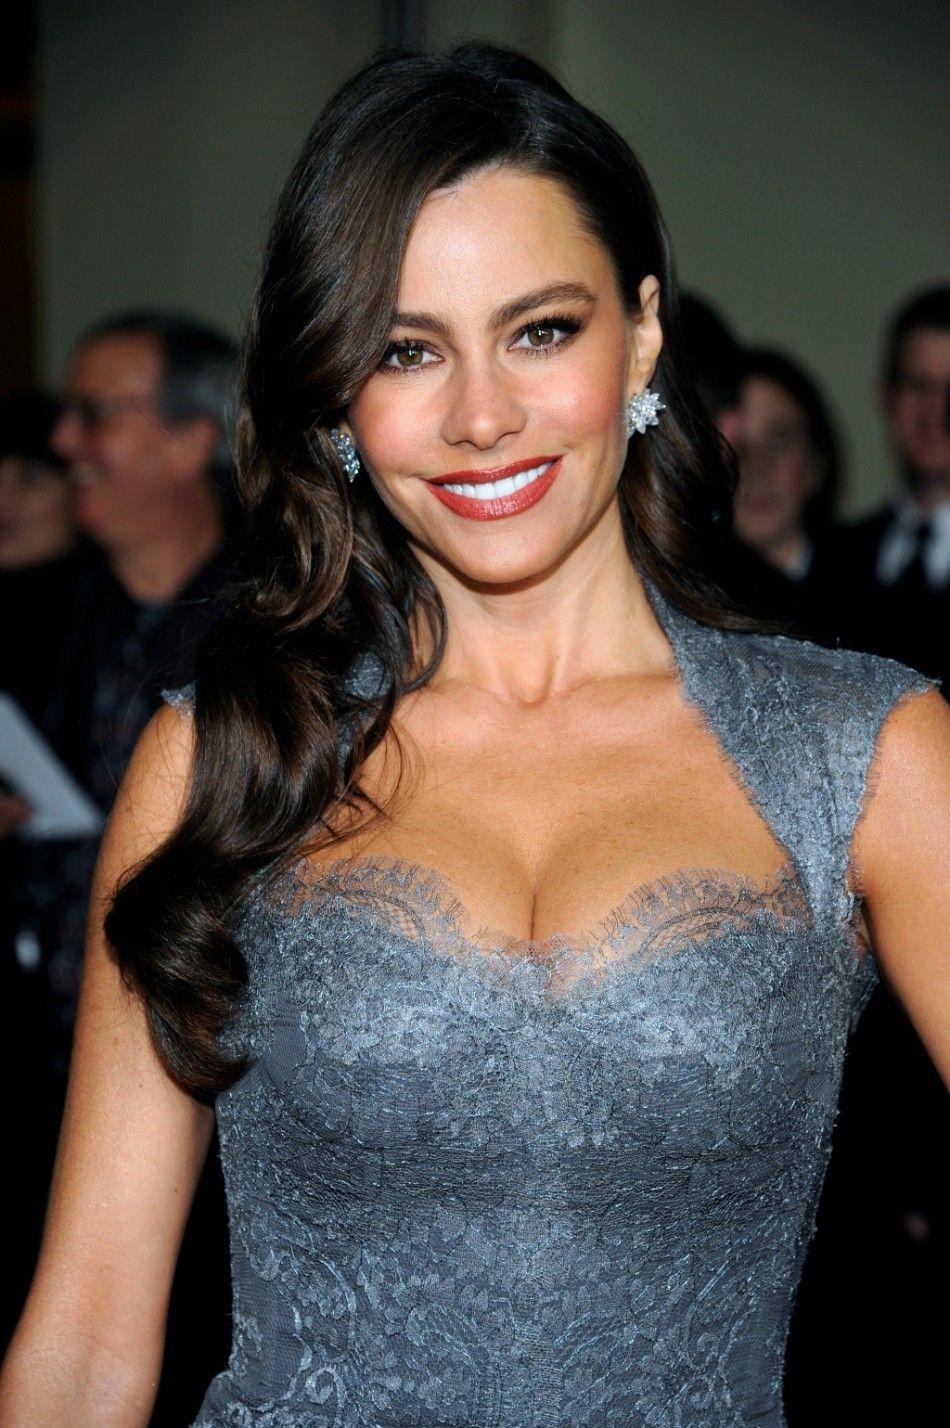 Top Ten Beauties In People Magazine's List Of World's Most